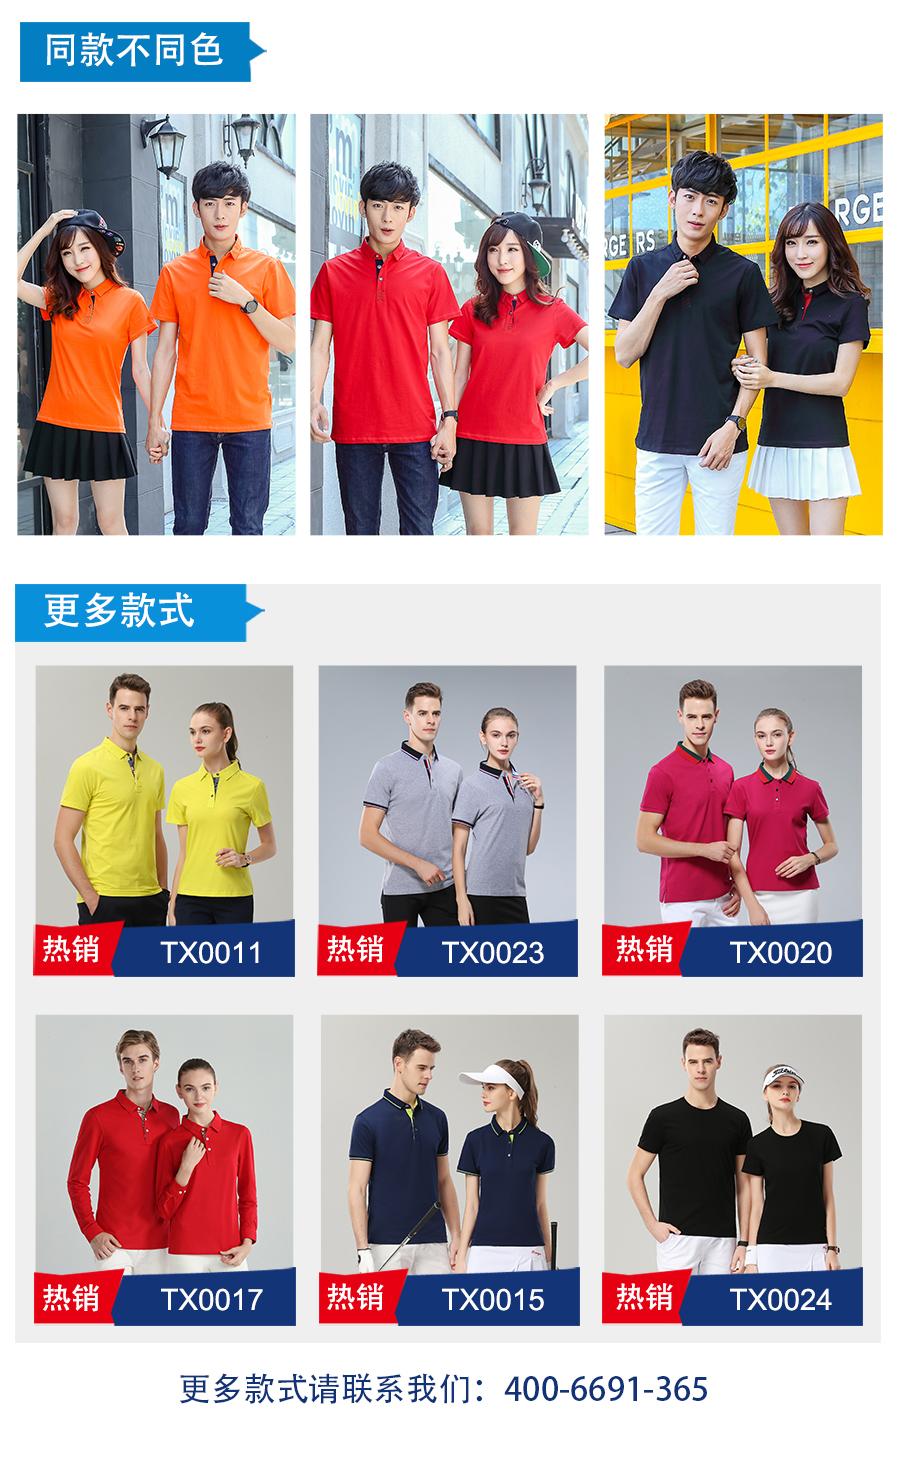 夏季广告衫同款不同色.jpg